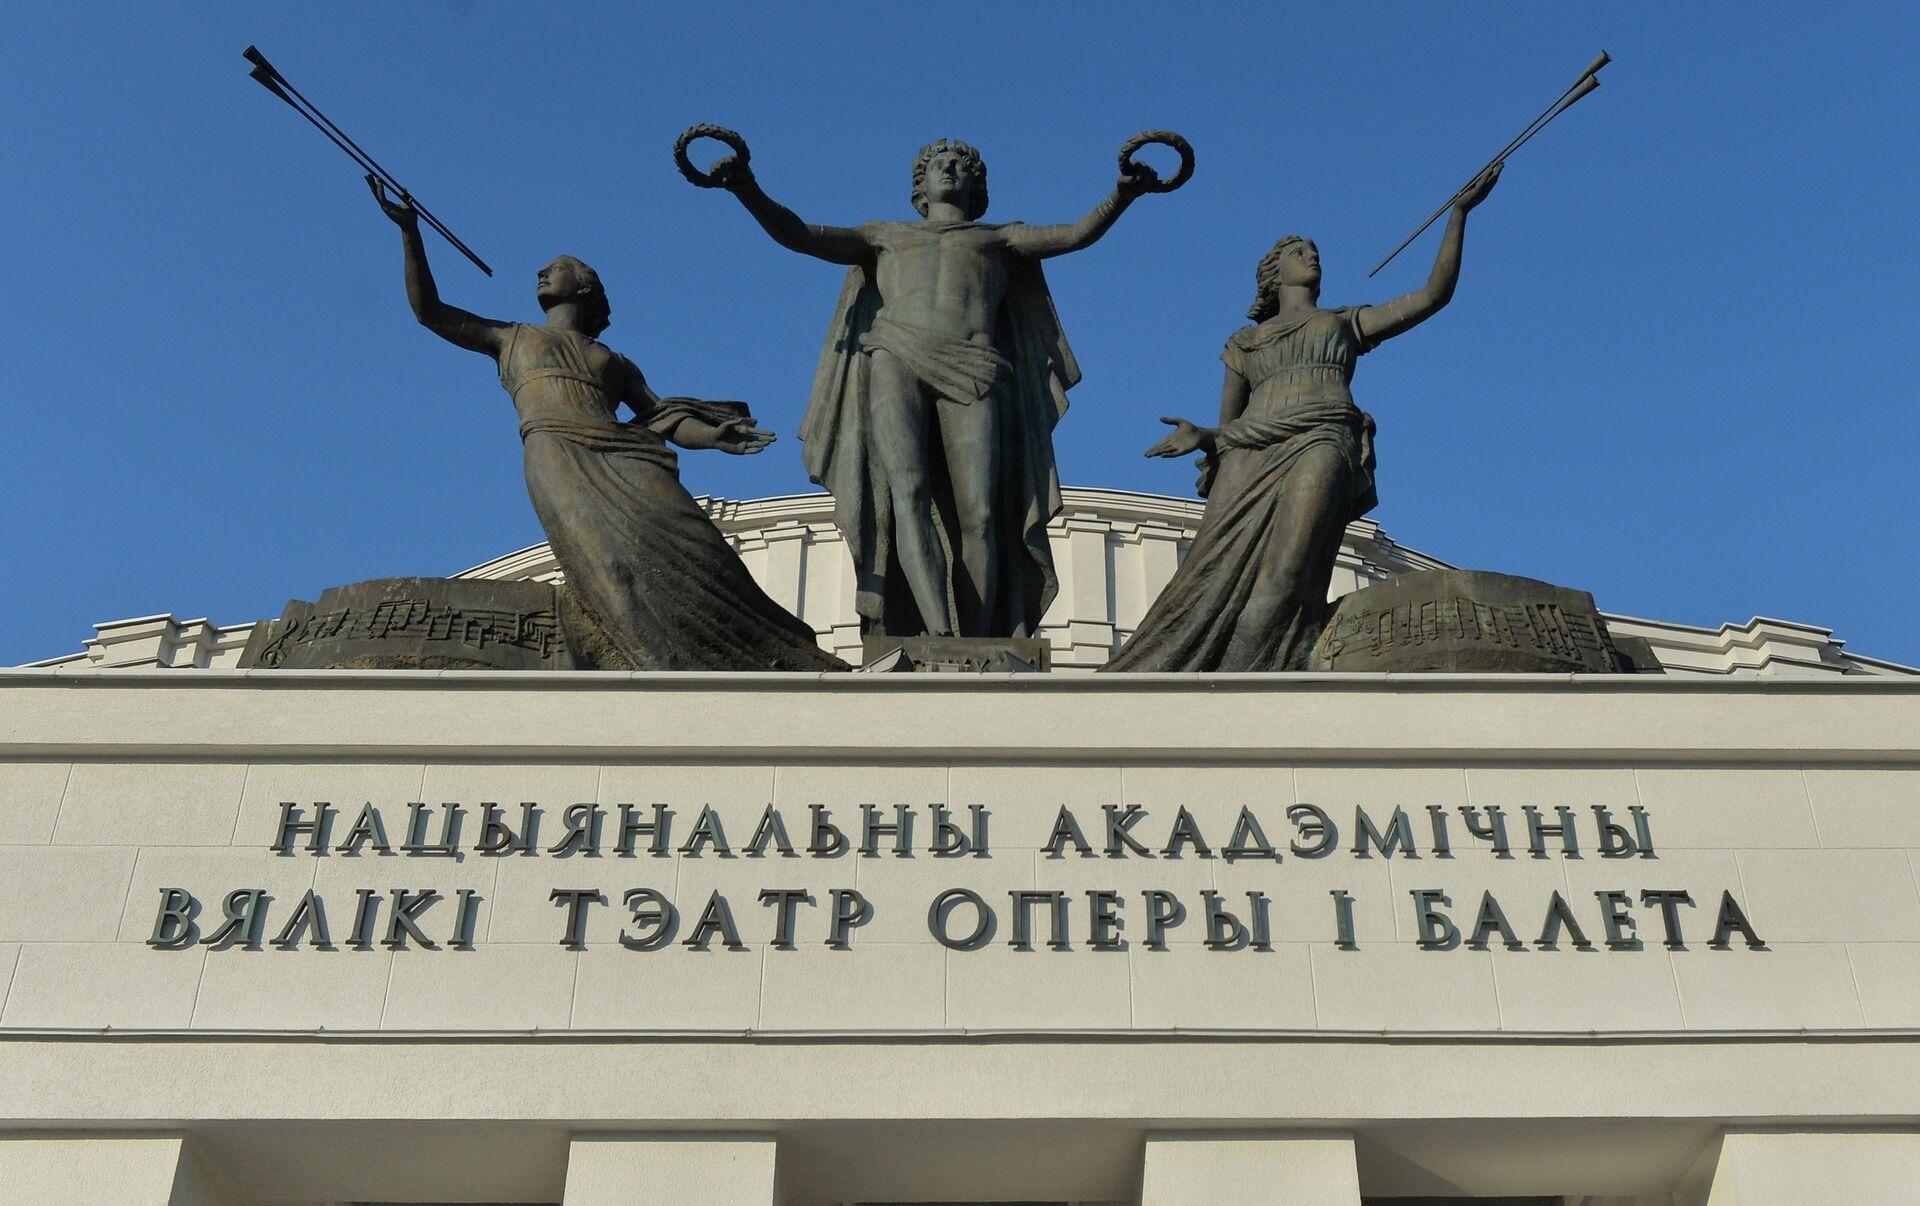 Нацыянальны акадэмічны Вялікі тэатр оперы і балета - Sputnik Беларусь, 1920, 18.02.2021